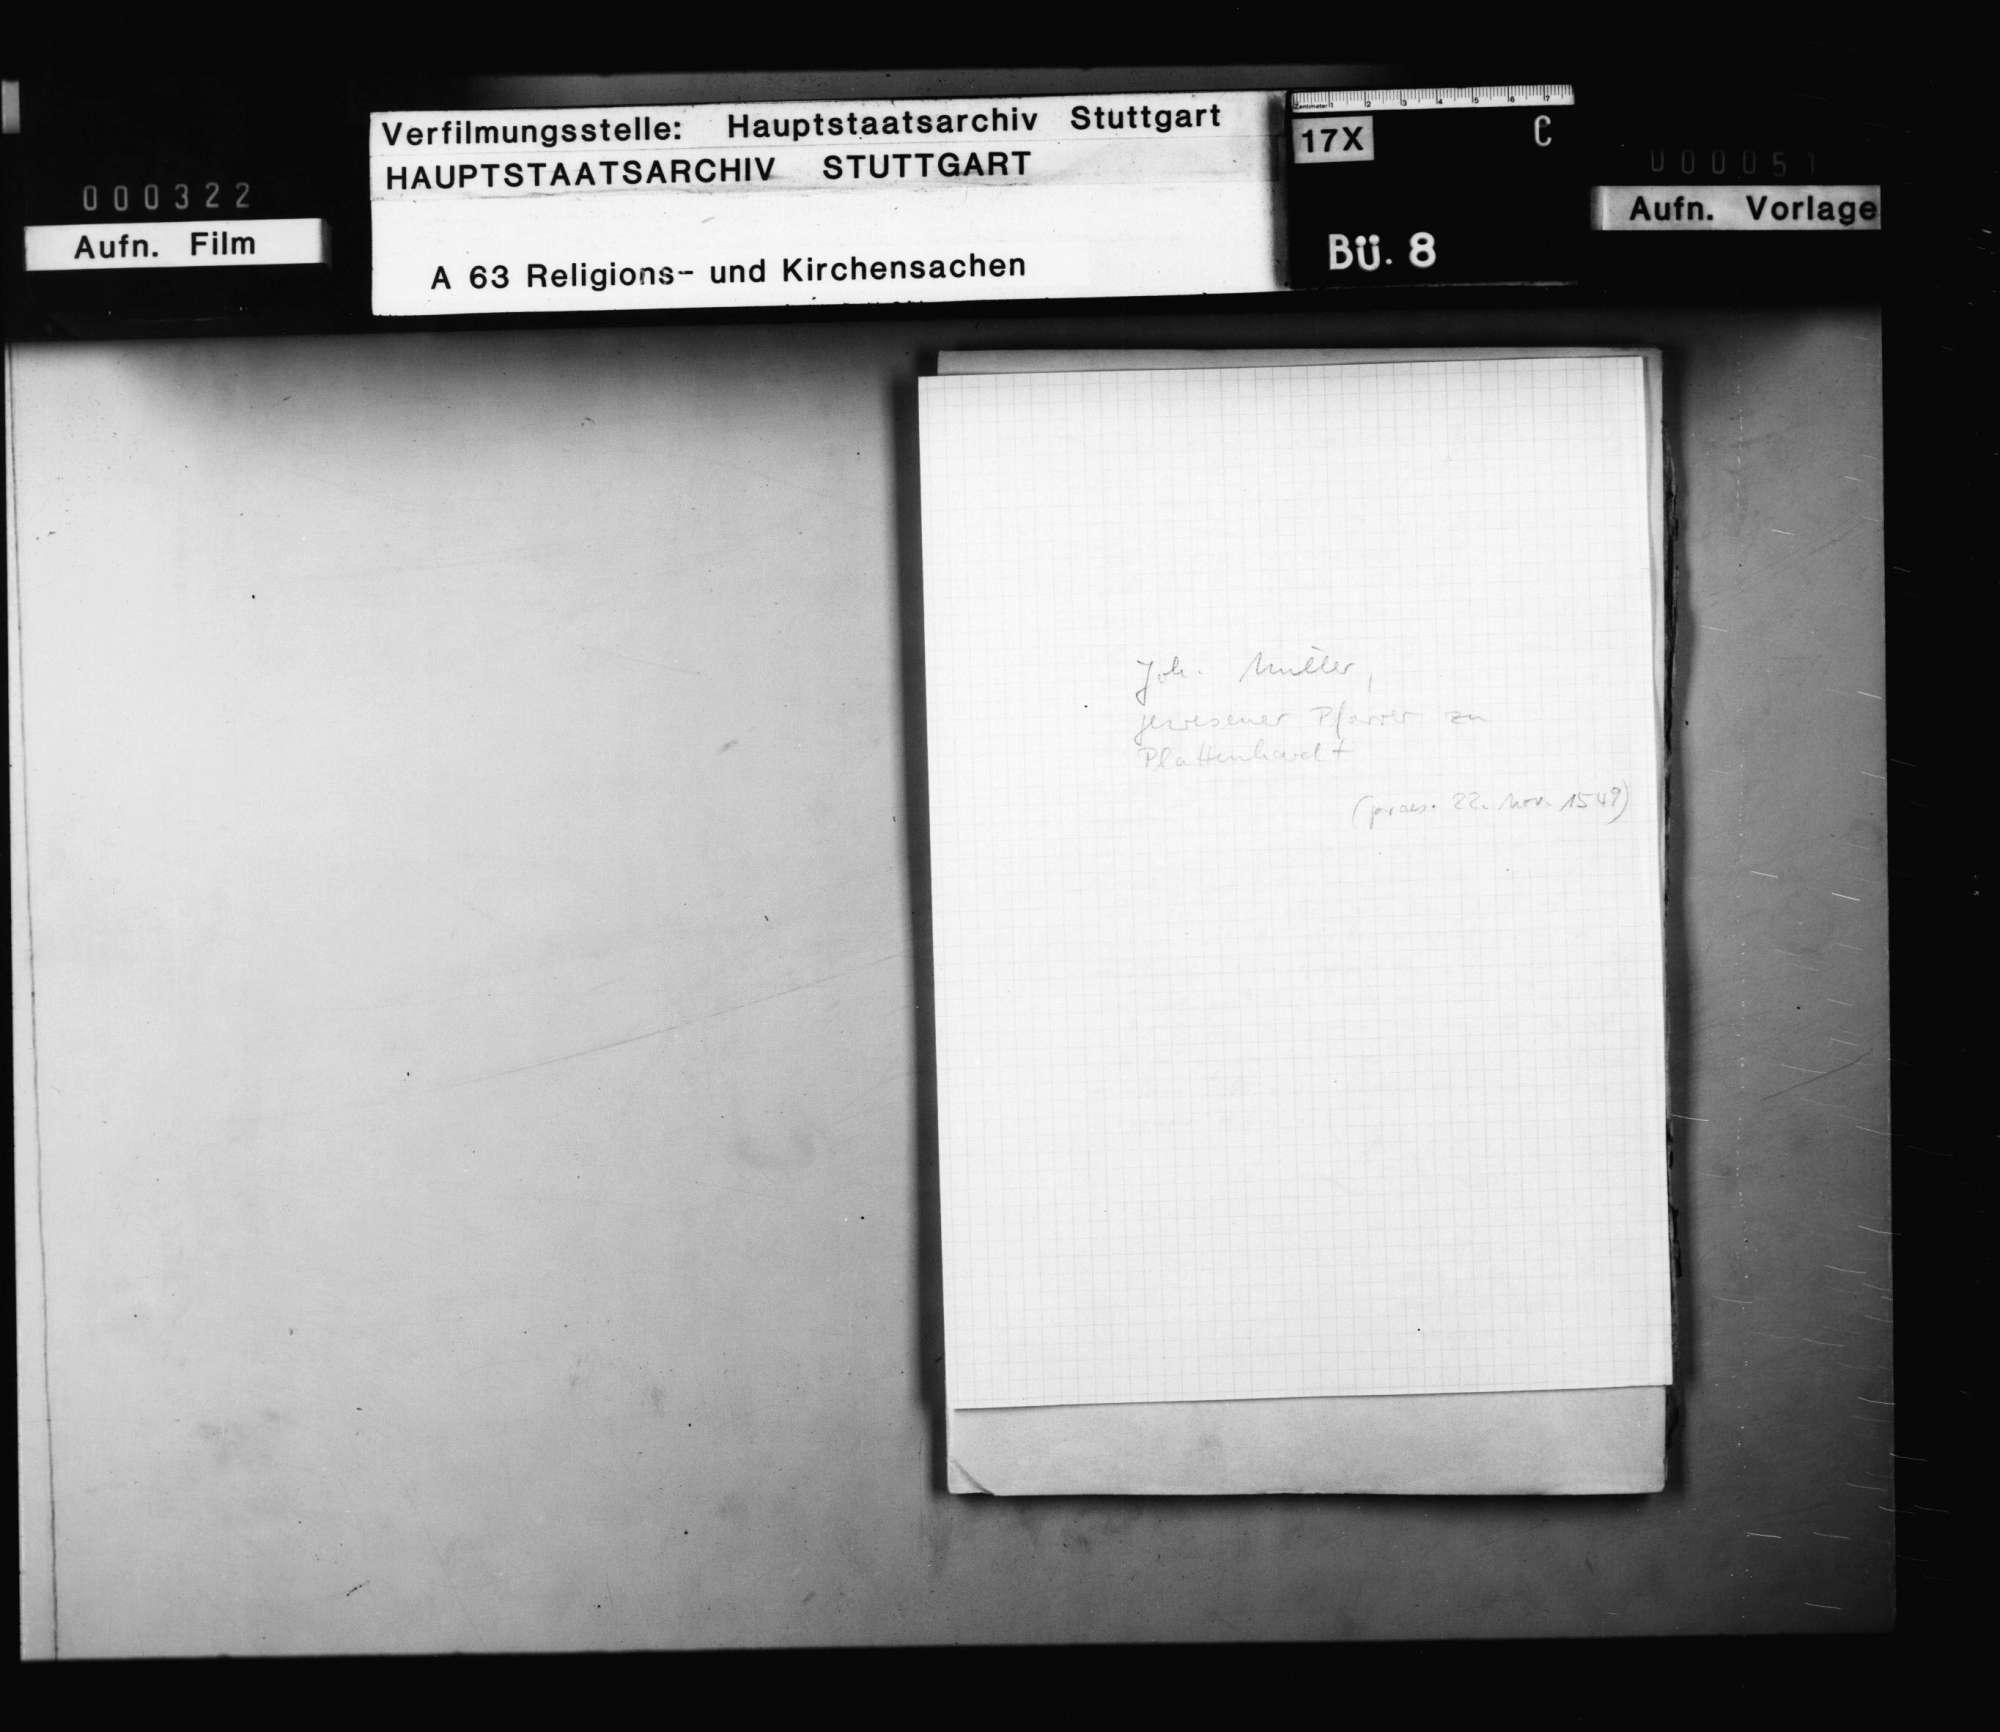 Johann Miller, gewesener Pfarrer in Plattenhardt, der zur Zeit der spanischen Verfolgung allein auch Echterdingen und Bernhausen versehen hat für 16 Wochen und der einzige Prädikant auf den Fildern gewesen ist, bittet um eine Verwendung., Bild 1